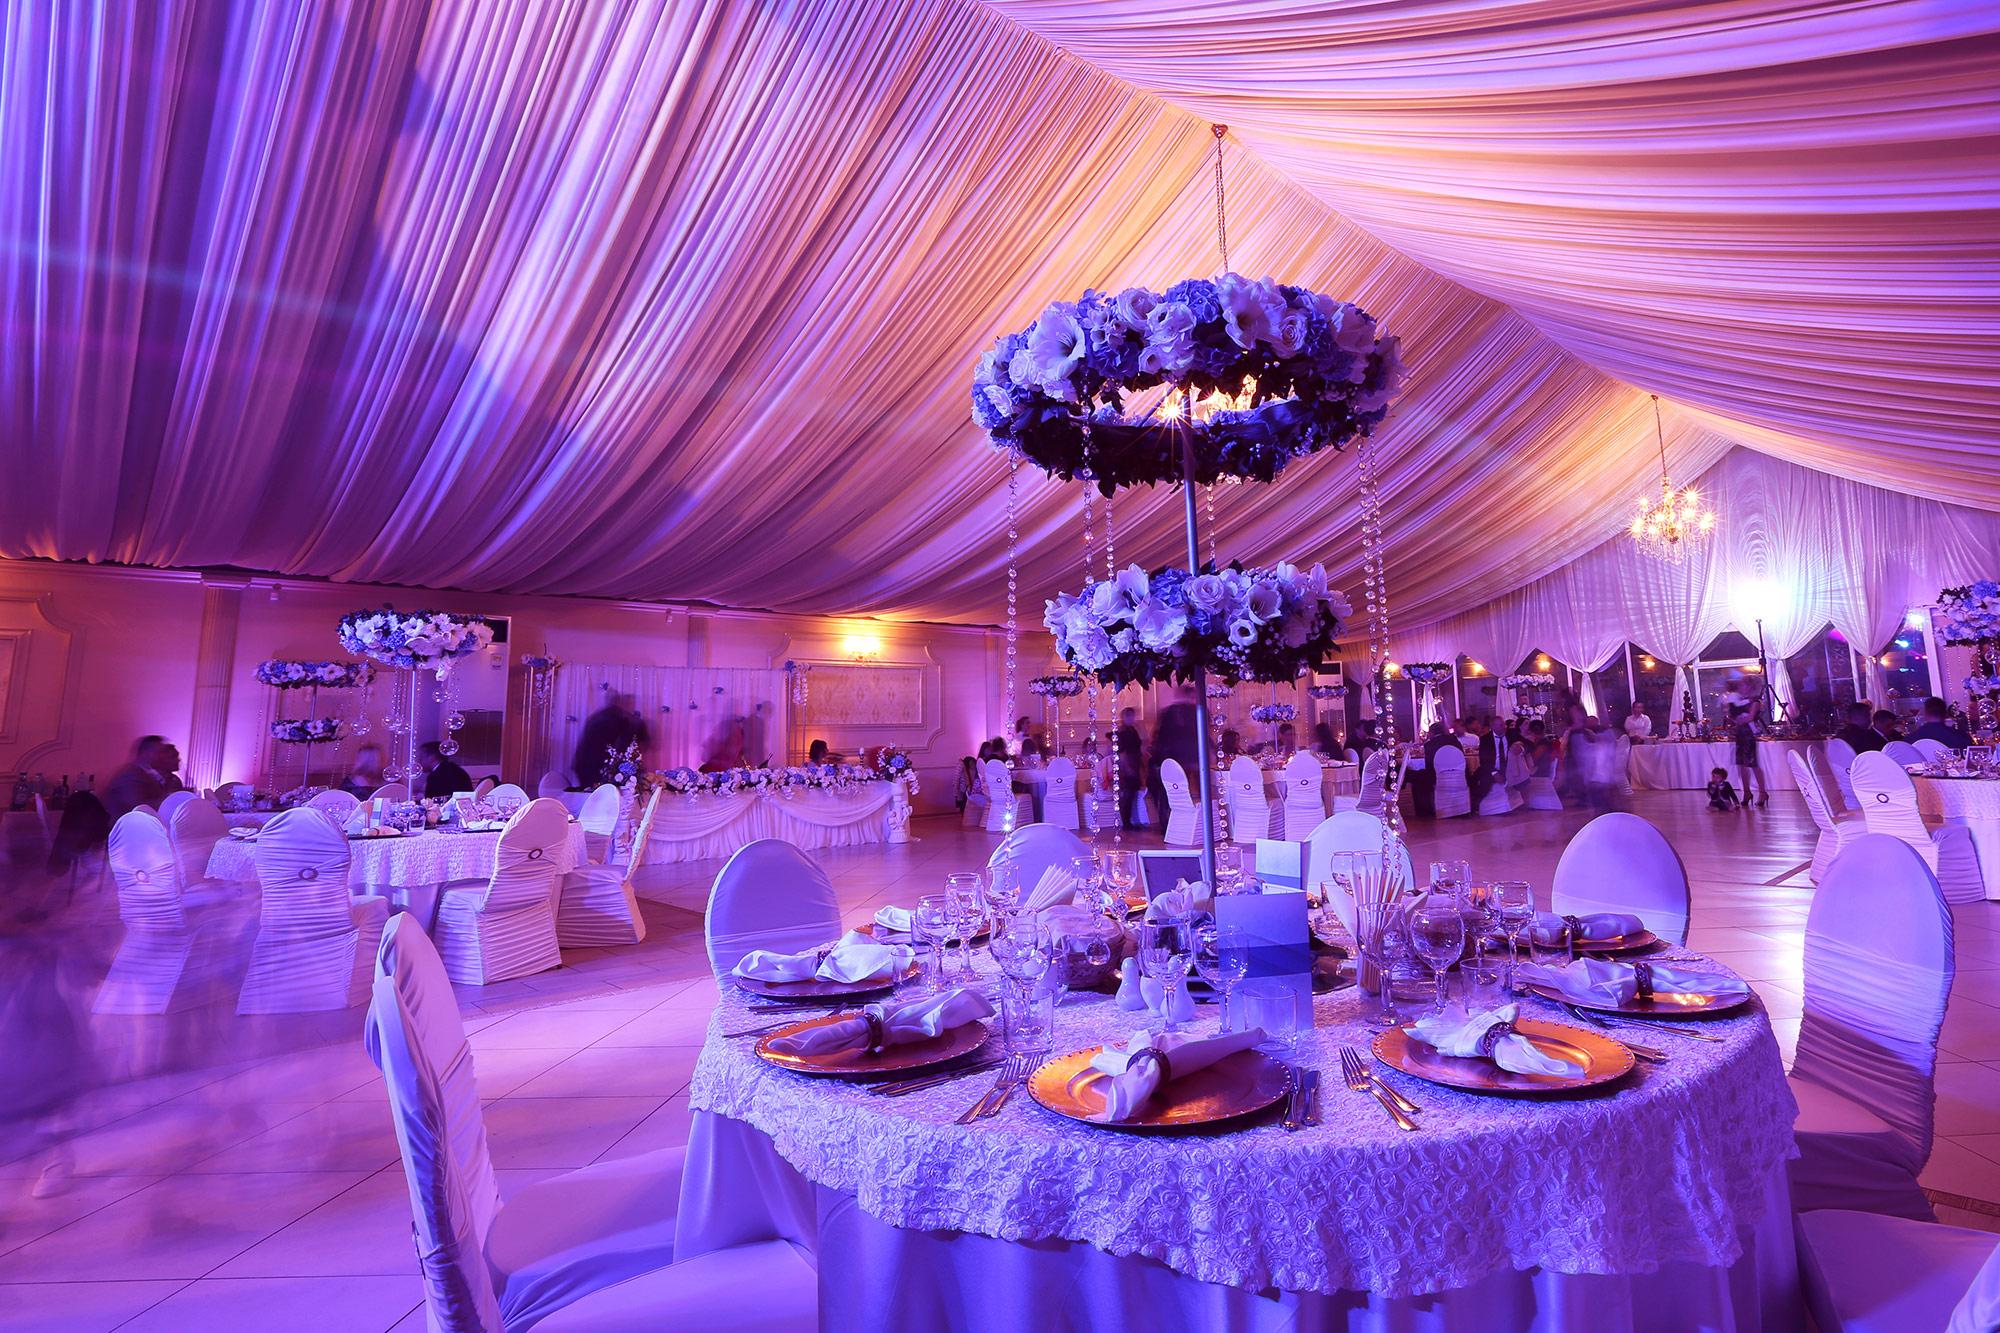 Banquet Hall in Hyerabad